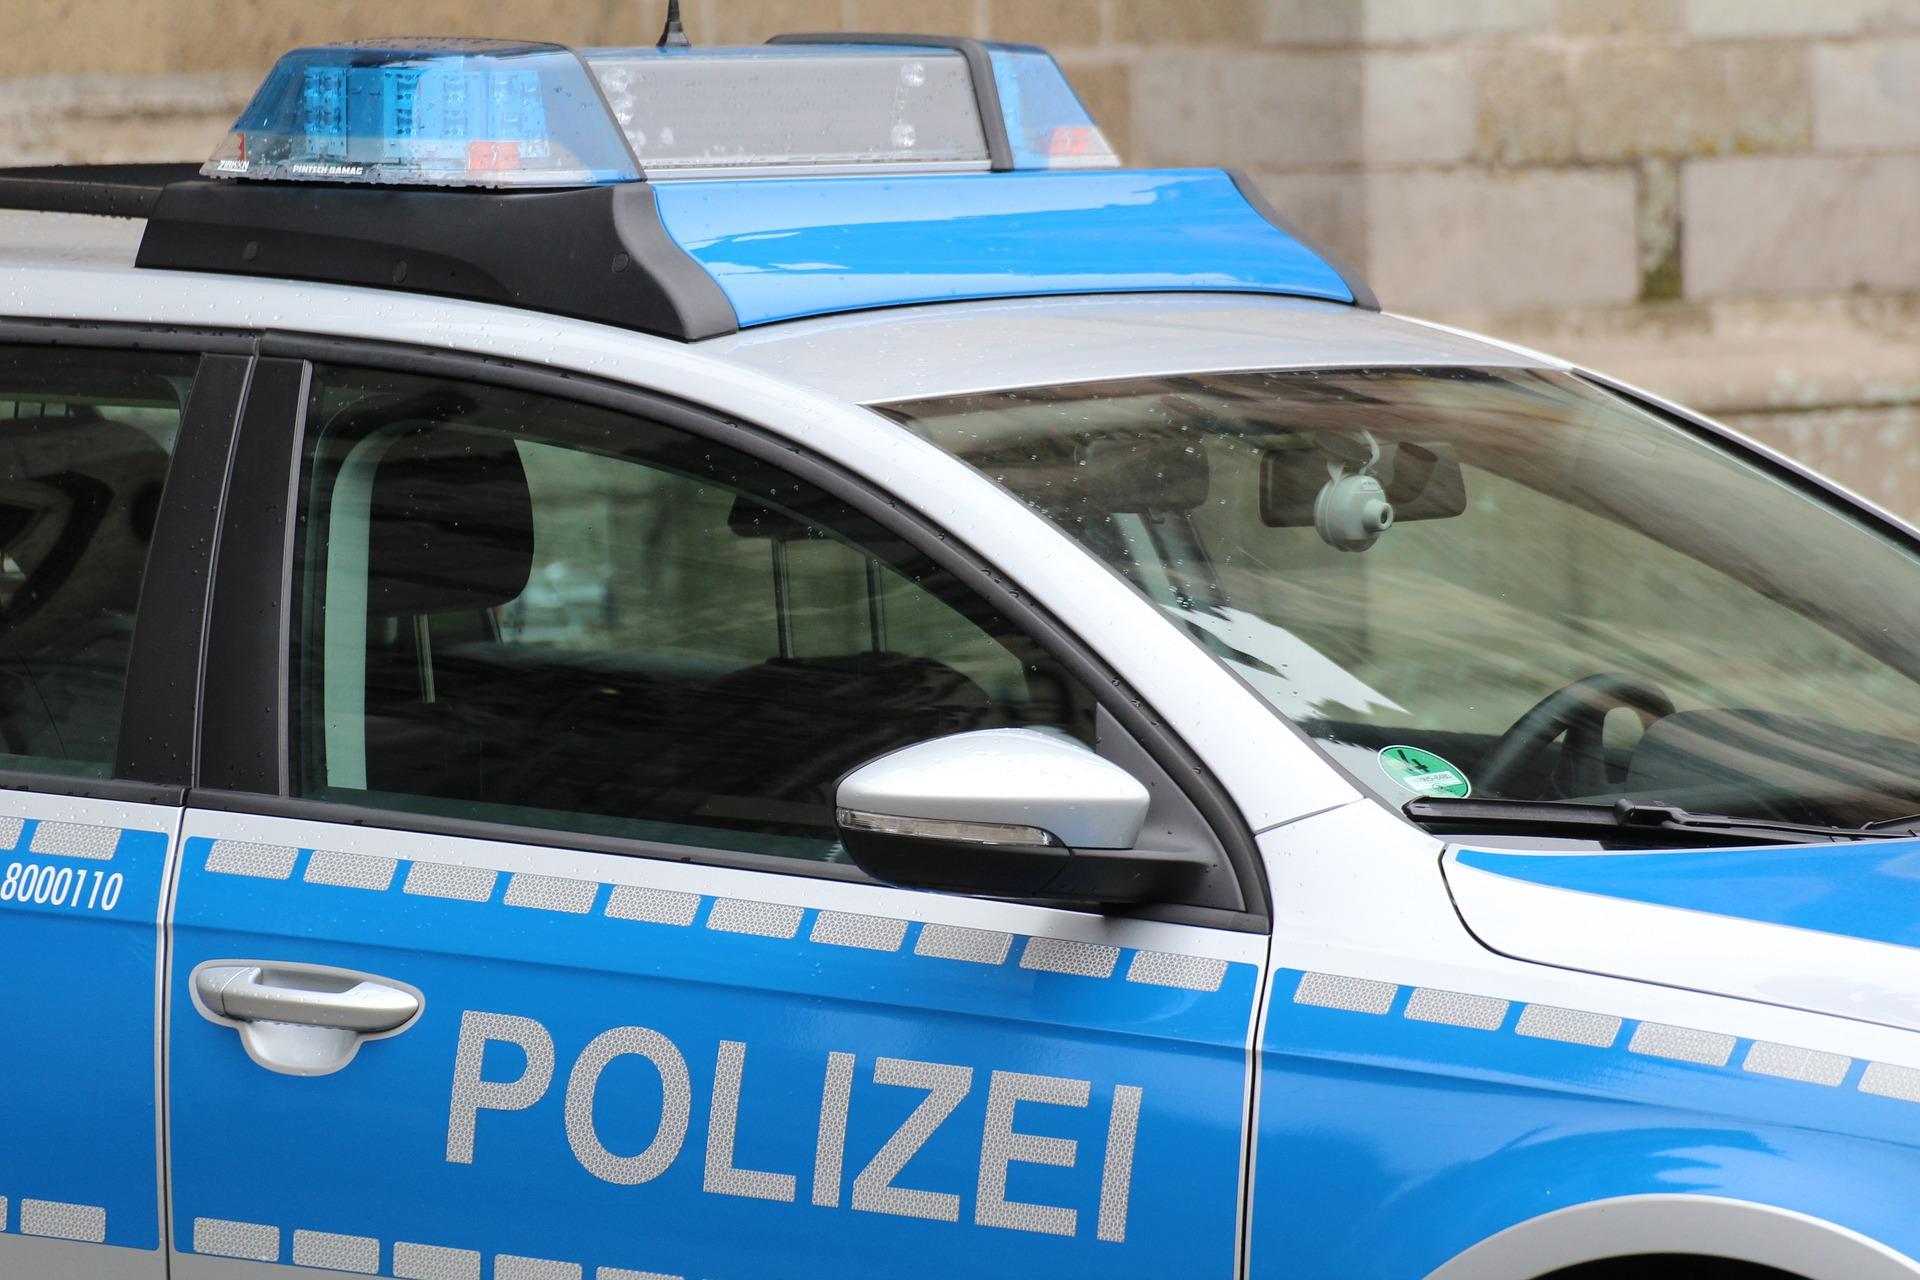 Versuchter Raub auf Discounter: Psychisch auffällige Täterin hatte Waffen bei sich